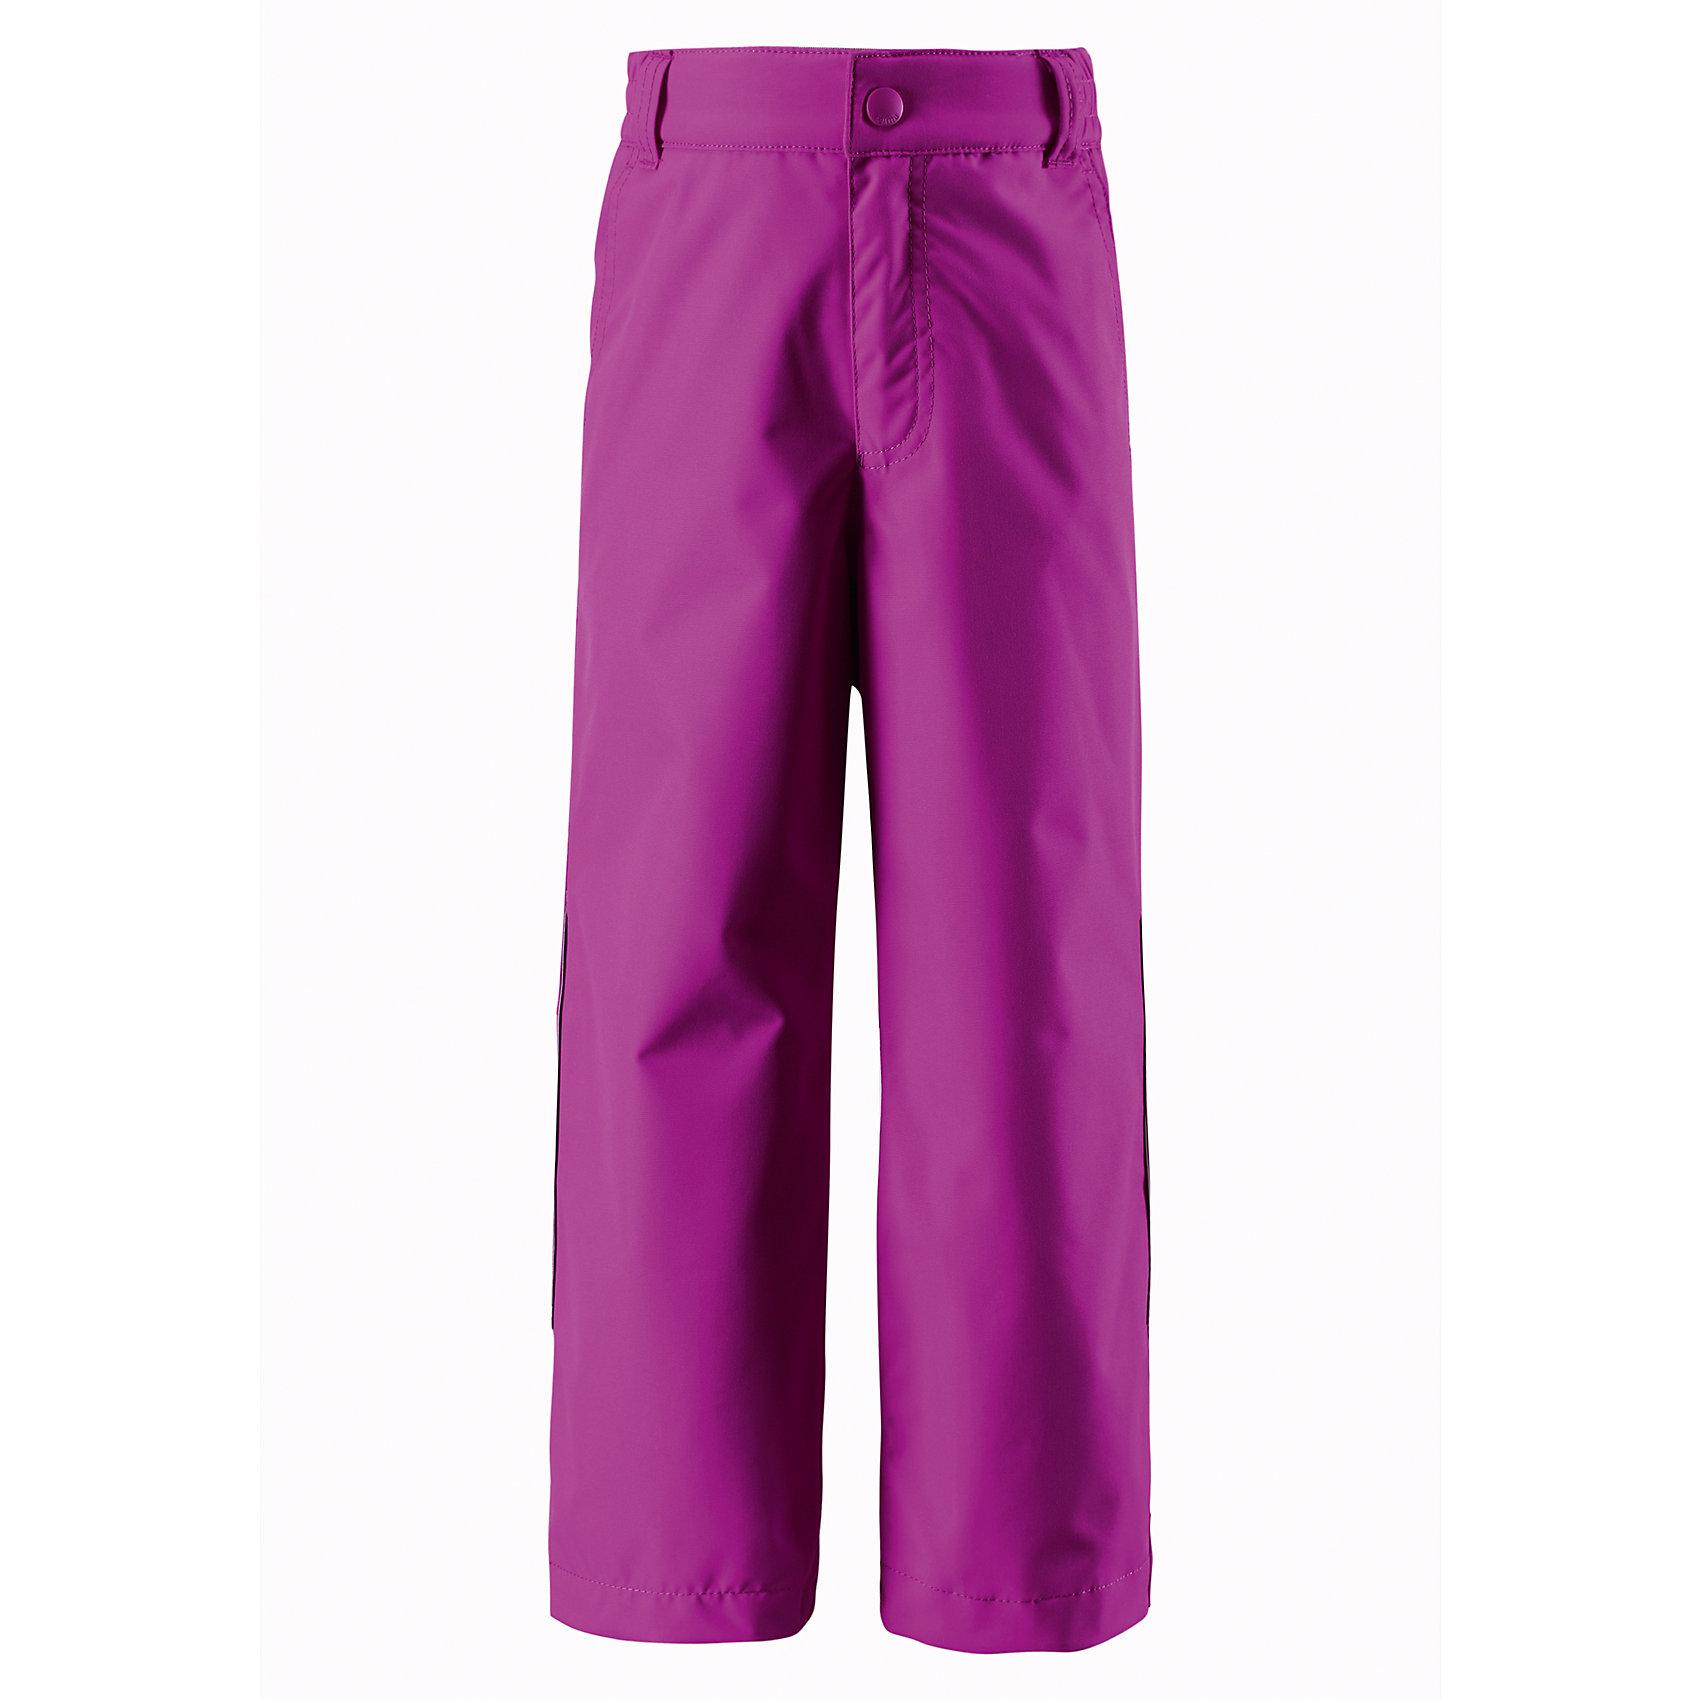 Брюки для девочки ReimaОдежда<br>Эти практичные, водо- и грязеотталкивающие демисезонные брюки выполнены из прочного, но легкого материала. Они превосходно носятся круглый год: в холодную погоду просто добавьте слои Reima под брюки. Ширинка на молнии облегчает процесс одевания. Если вы выберите брюки большего размера на вырост, вы можете использовать застежку-липучку для регулировки низа брючин, чтобы ребенок не наступал на сползающую брючину.<br><br>Дополнительная информация:<br><br>Брюки демисезонные для детей<br>Основные швы проклеены и не пропускают влагу<br>Водоотталкивающий, ветронепроницаемый, «дышащий» и грязеотталкивающий материал<br>Регулируемый обхват талии<br>Липучки на штанинах<br>Ширинка на молнии<br>Два боковых кармана<br>Состав:<br>100% ПЭ, ПУ-покрытие<br>Уход:<br>Стирать по отдельности, вывернув наизнанку. Застегнуть молнии и липучки. Стирать моющим средством, не содержащим отбеливающие вещества. Полоскать без специального средства. Во избежание изменения цвета изделие необходимо вынуть из стиральной машинки незамедлительно после окончания программы стирки. Сушить при низкой температуре.<br><br>Ширина мм: 215<br>Глубина мм: 88<br>Высота мм: 191<br>Вес г: 336<br>Цвет: розовый<br>Возраст от месяцев: 24<br>Возраст до месяцев: 36<br>Пол: Женский<br>Возраст: Детский<br>Размер: 98,128,122,116,104,140,134,110,92<br>SKU: 4497427